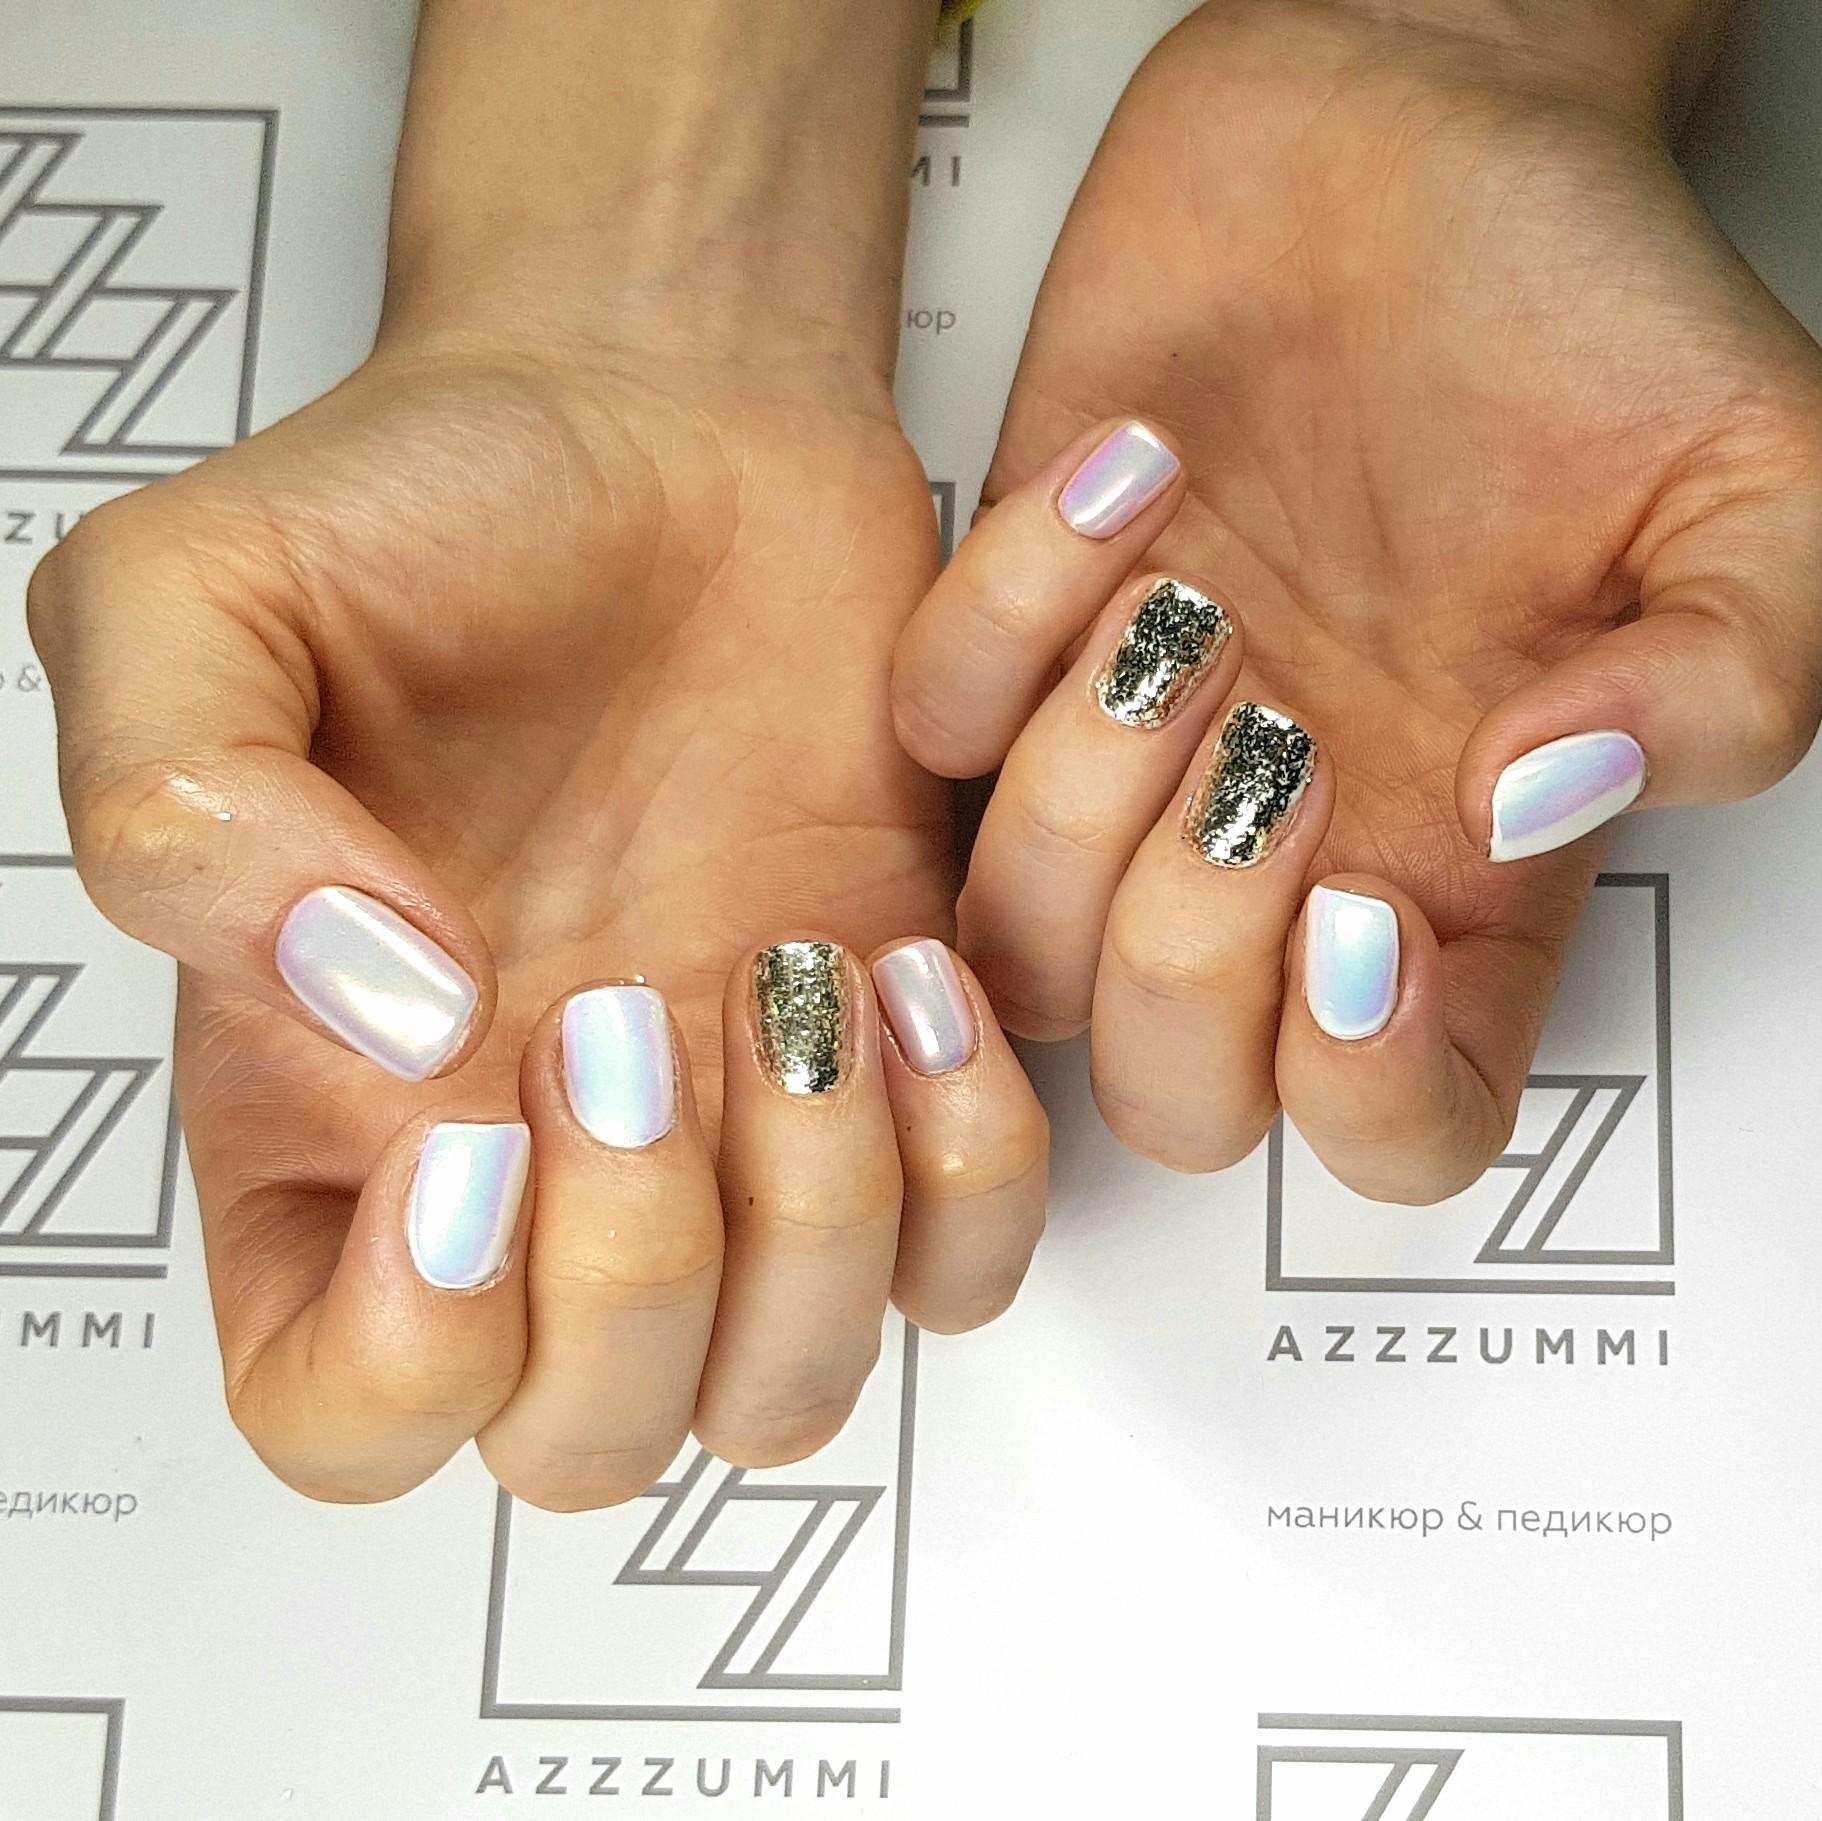 Azzzummi_nails_ 1905_золотыехлопья4